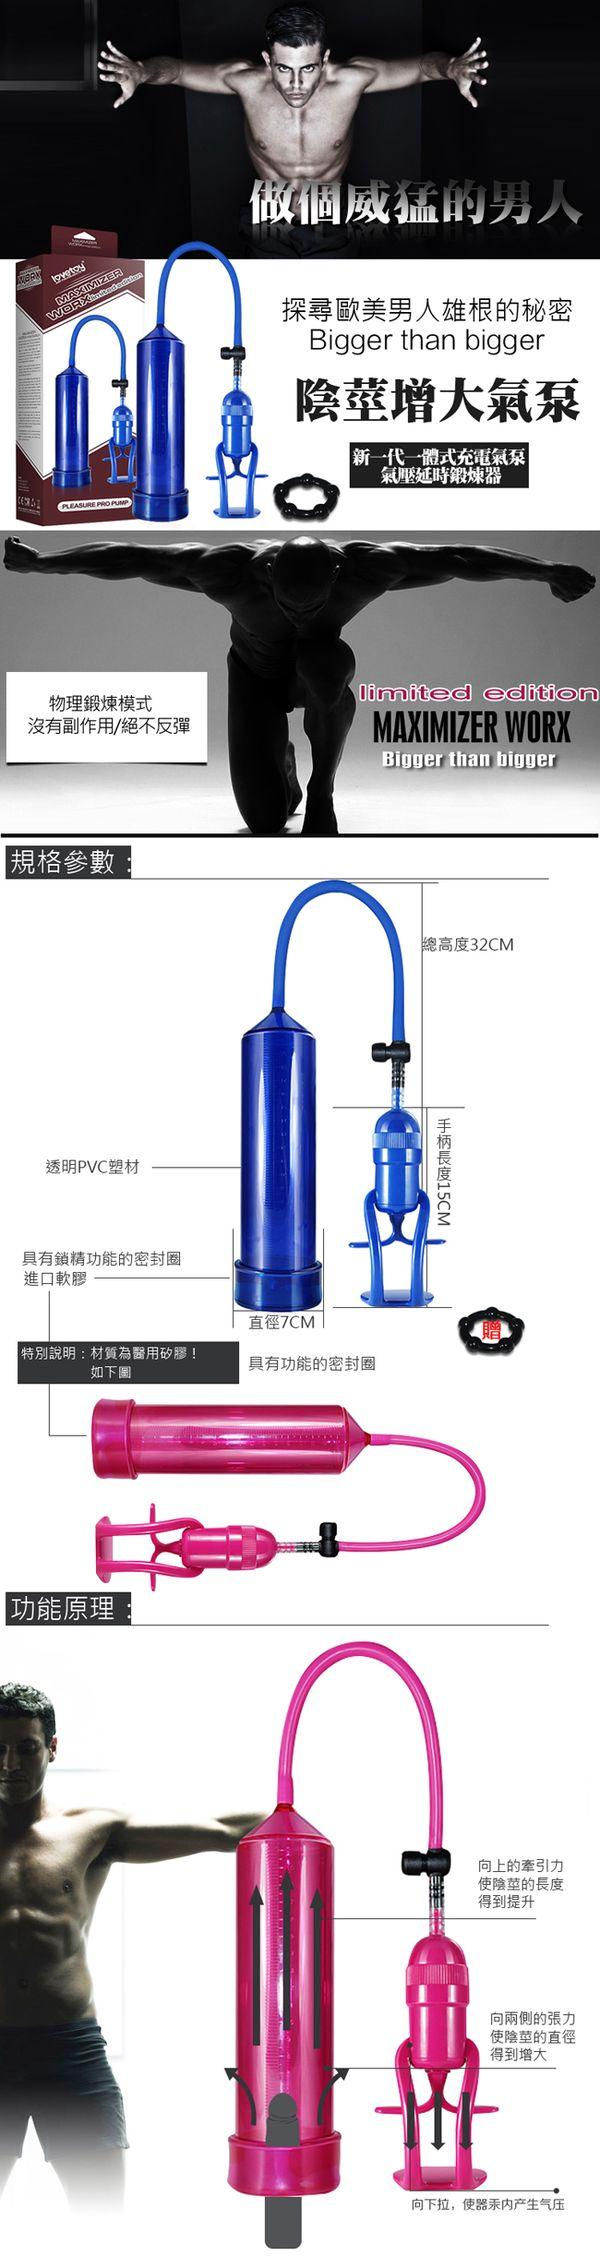 附圖2-Maximizer Worx -真空吸引陰莖鍛練器